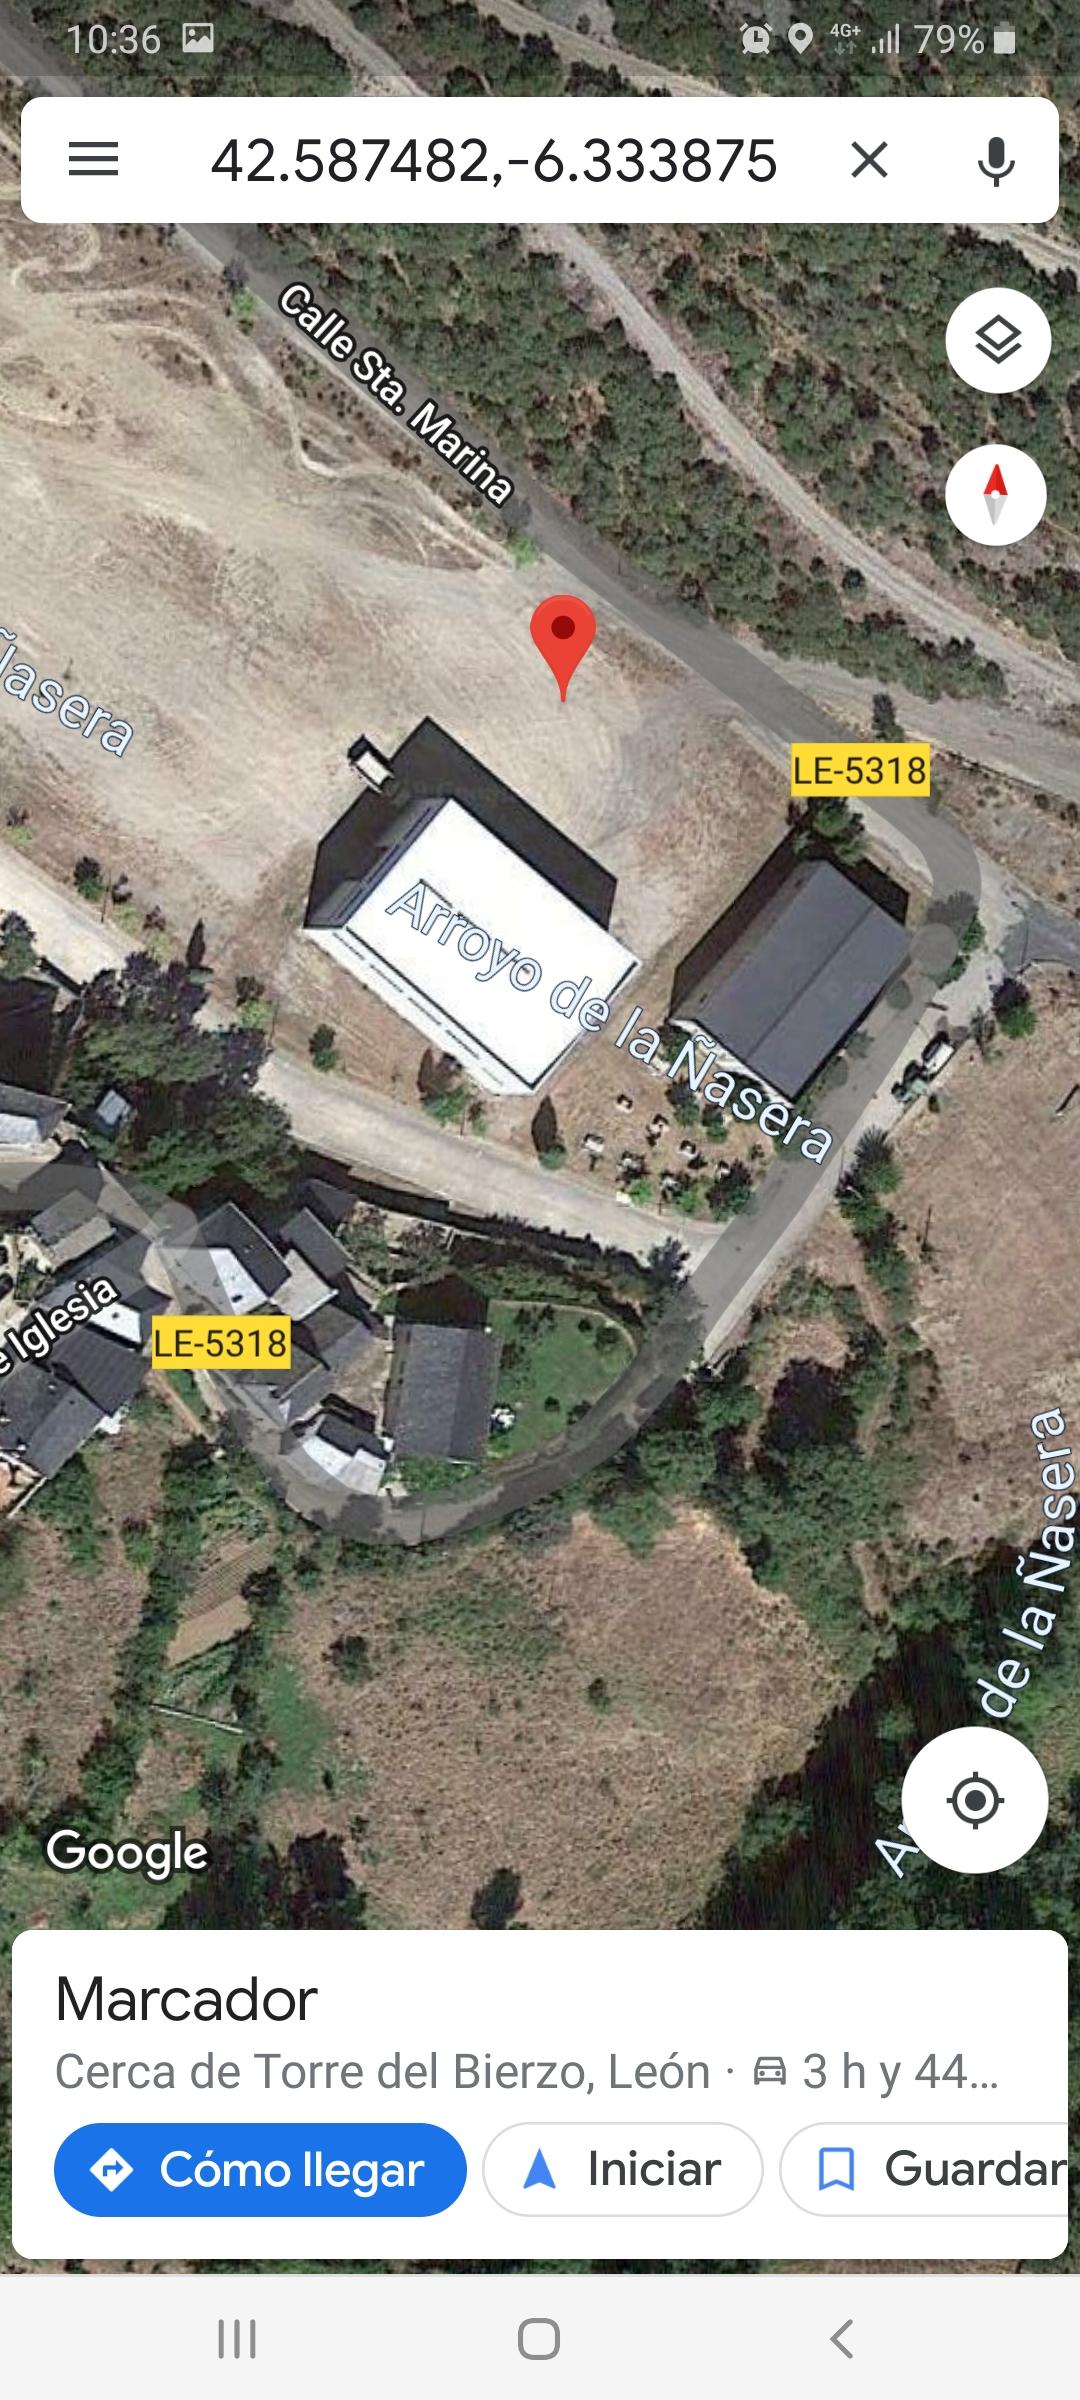 Screenshot_20191008-103654_Maps_2019-10-08.jpg